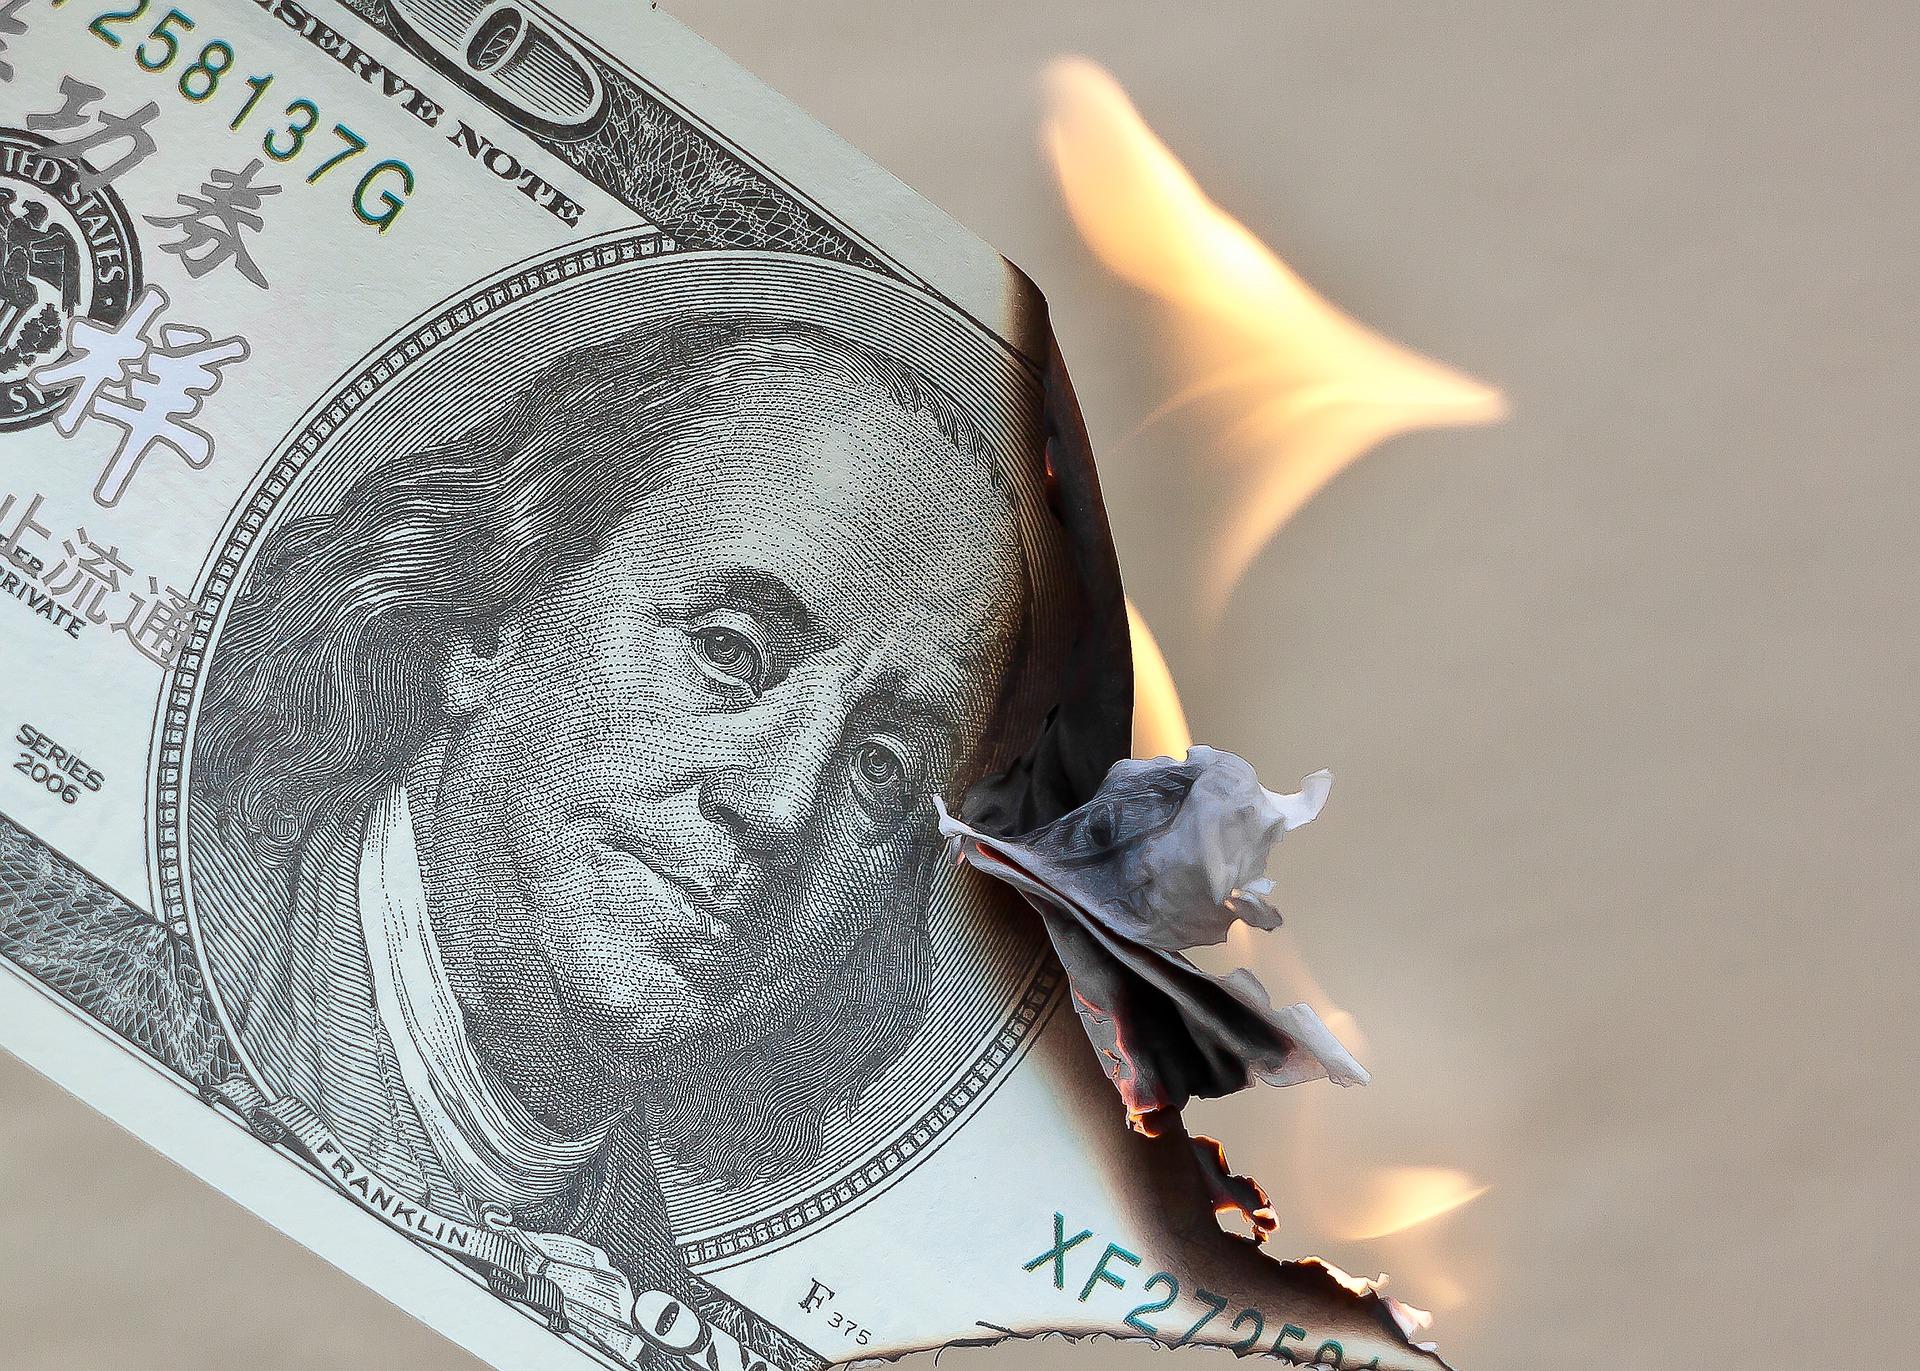 政治経済 世界のニュース編 コロナショック後の経済について